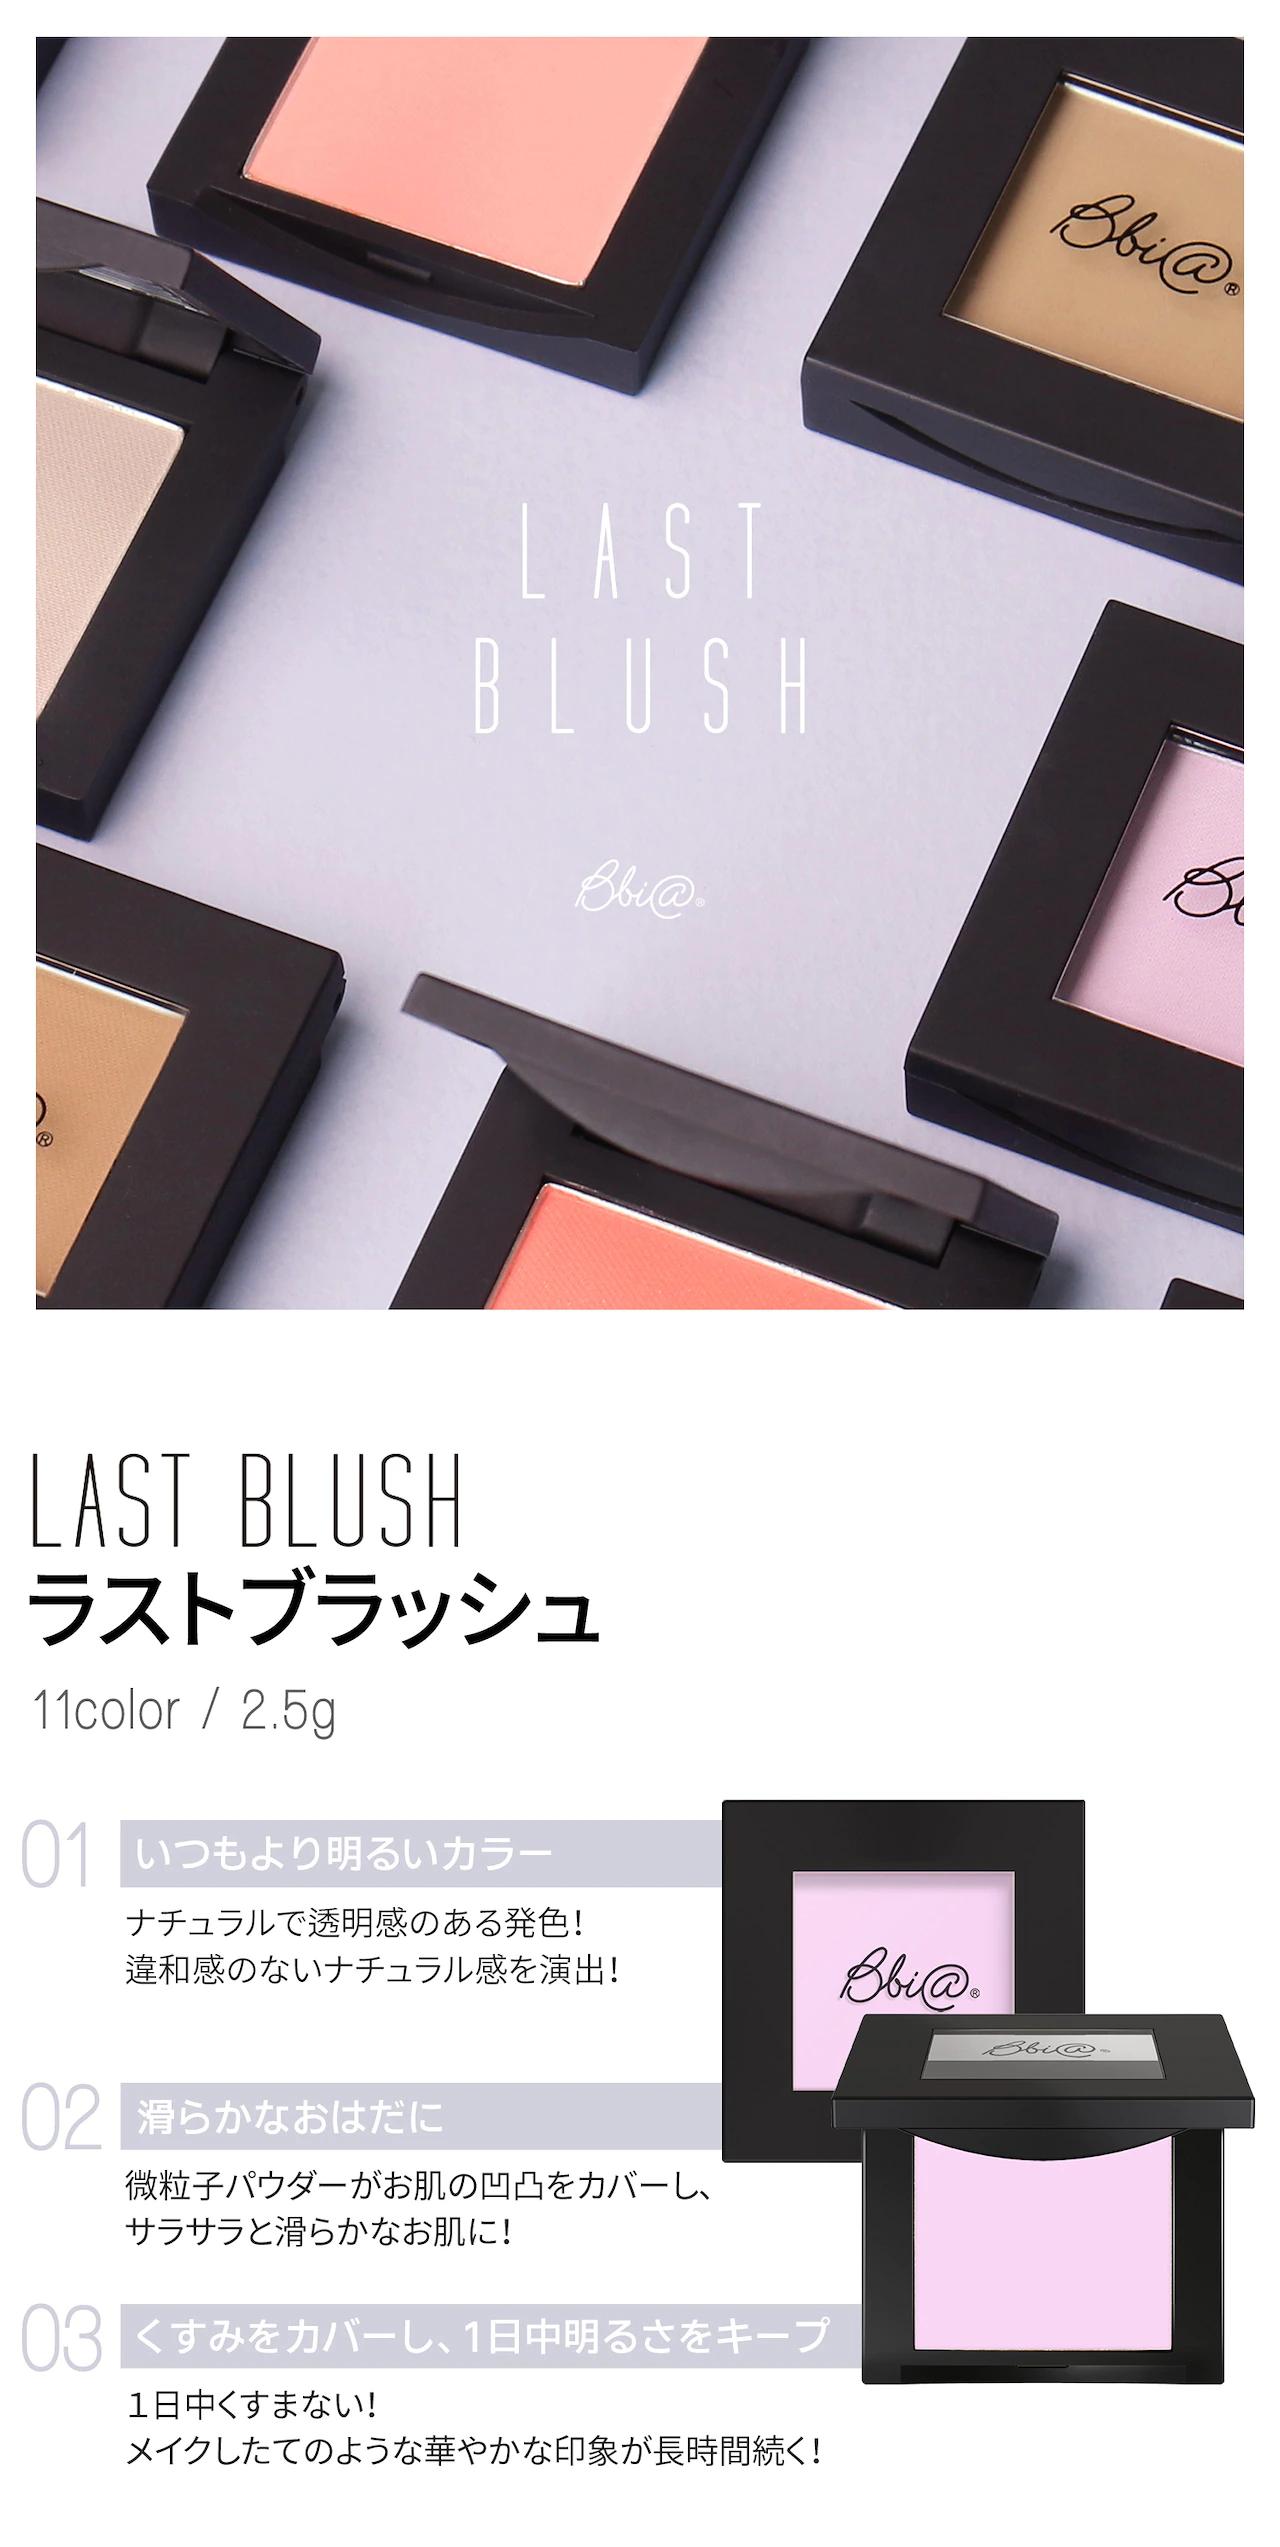 BBIA(ピアー) ラストブラッシュの商品画像